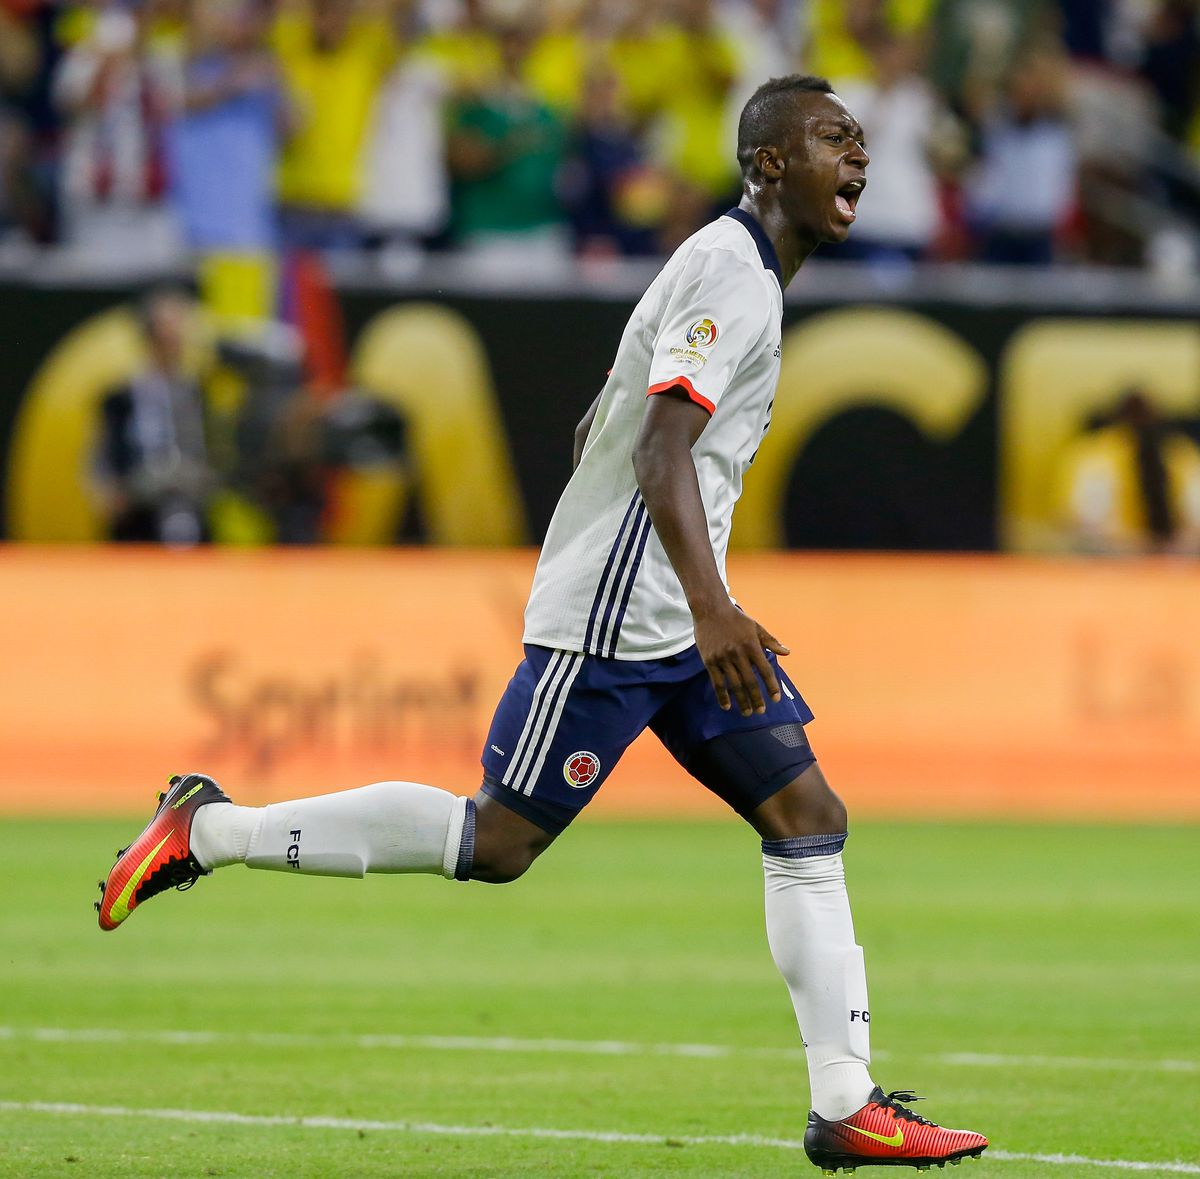 Colombia v Costa Rica: Group A - Copa America Centenario